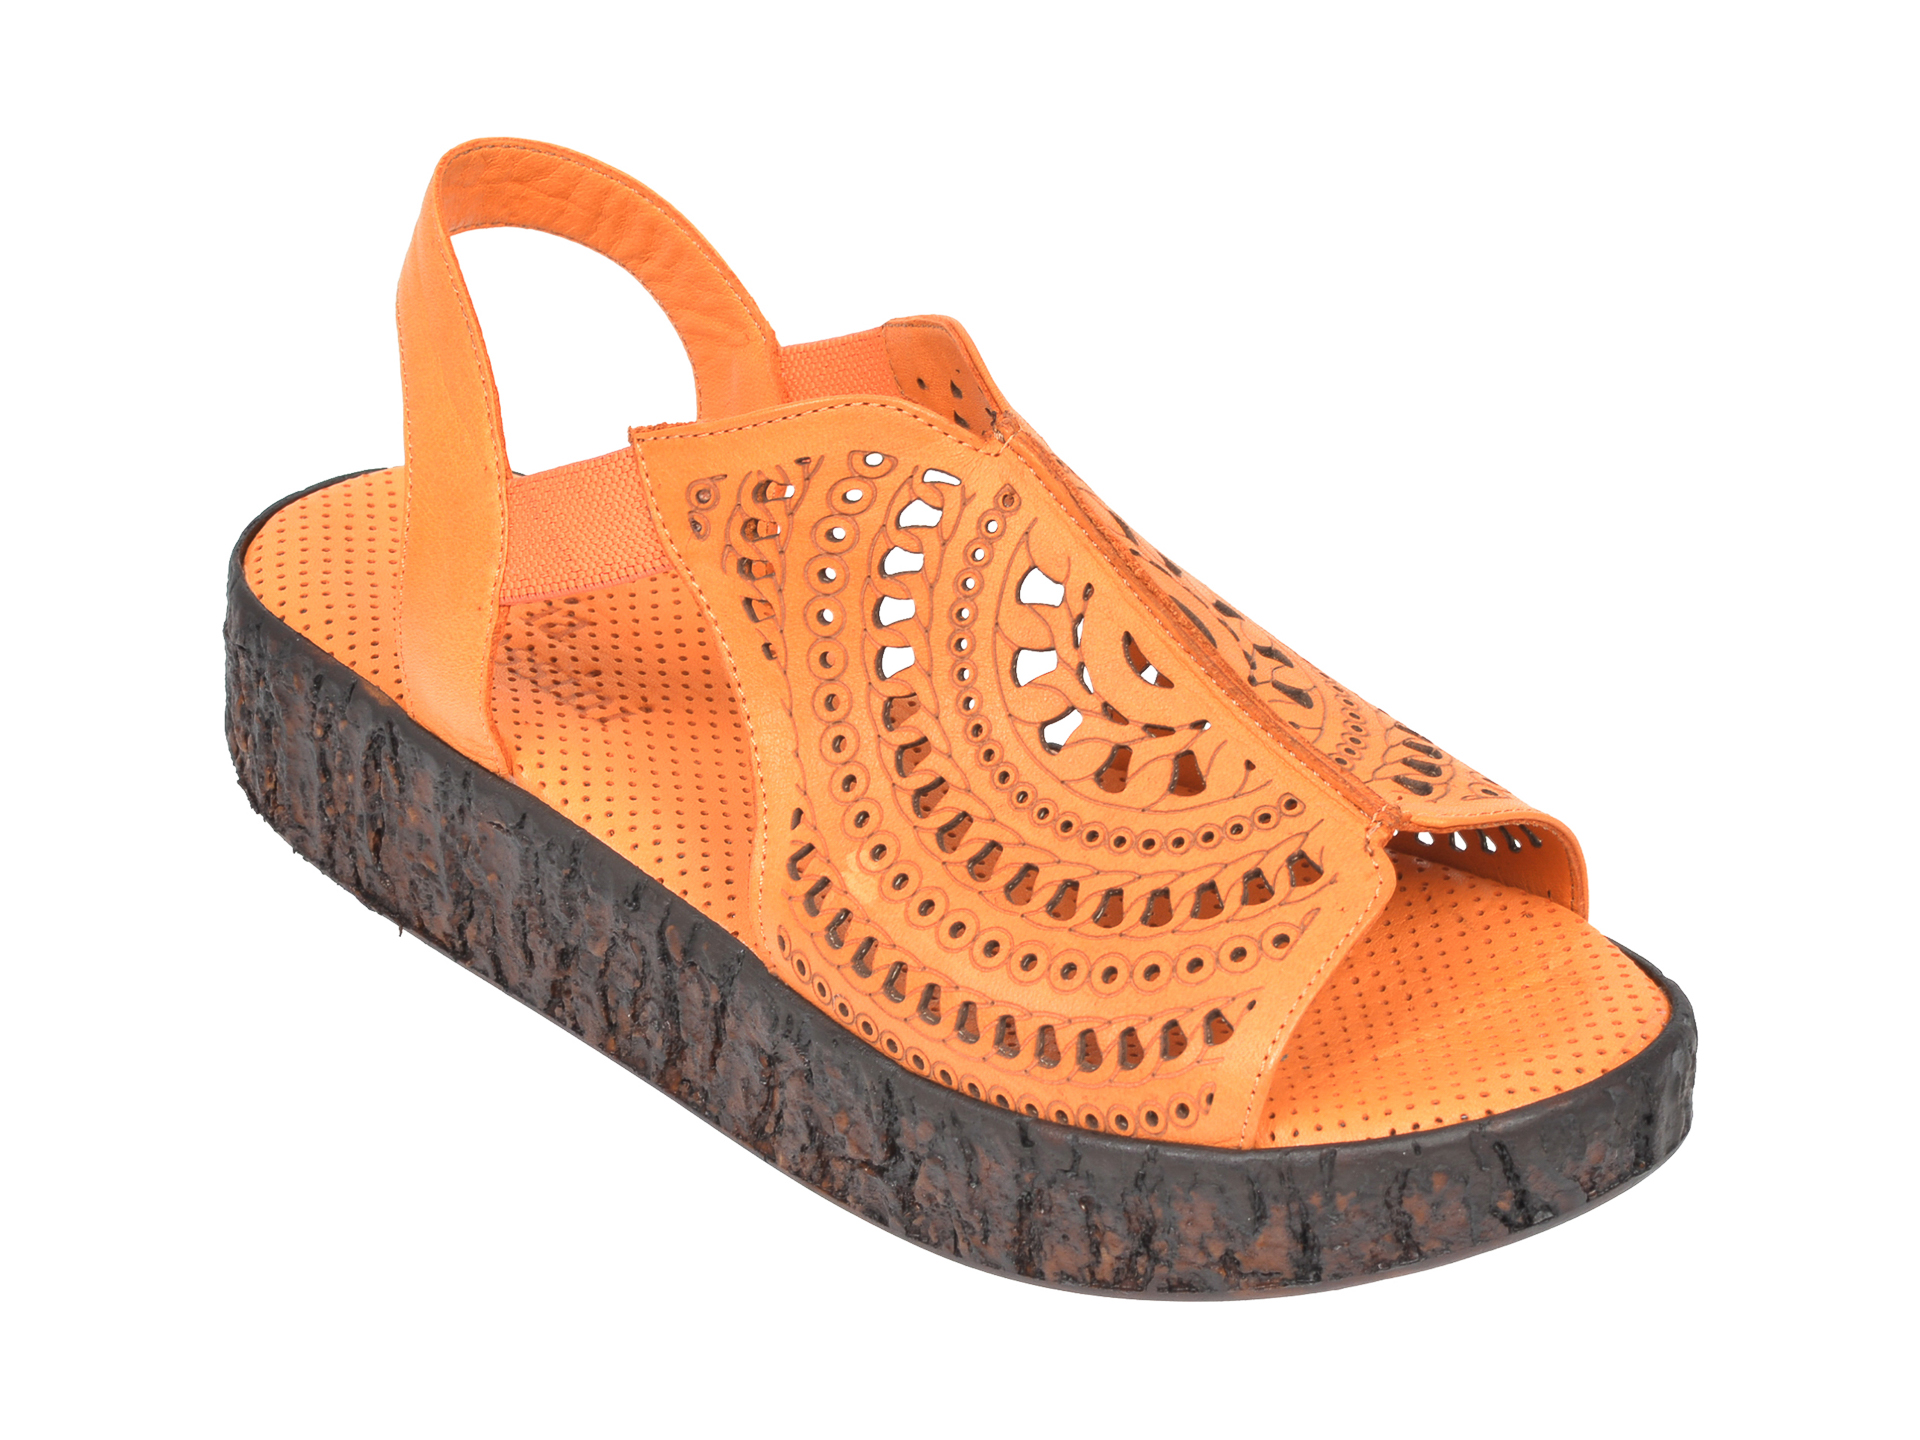 Sandale FLAVIA PASSINI portocalii, 2100, din piele naturala